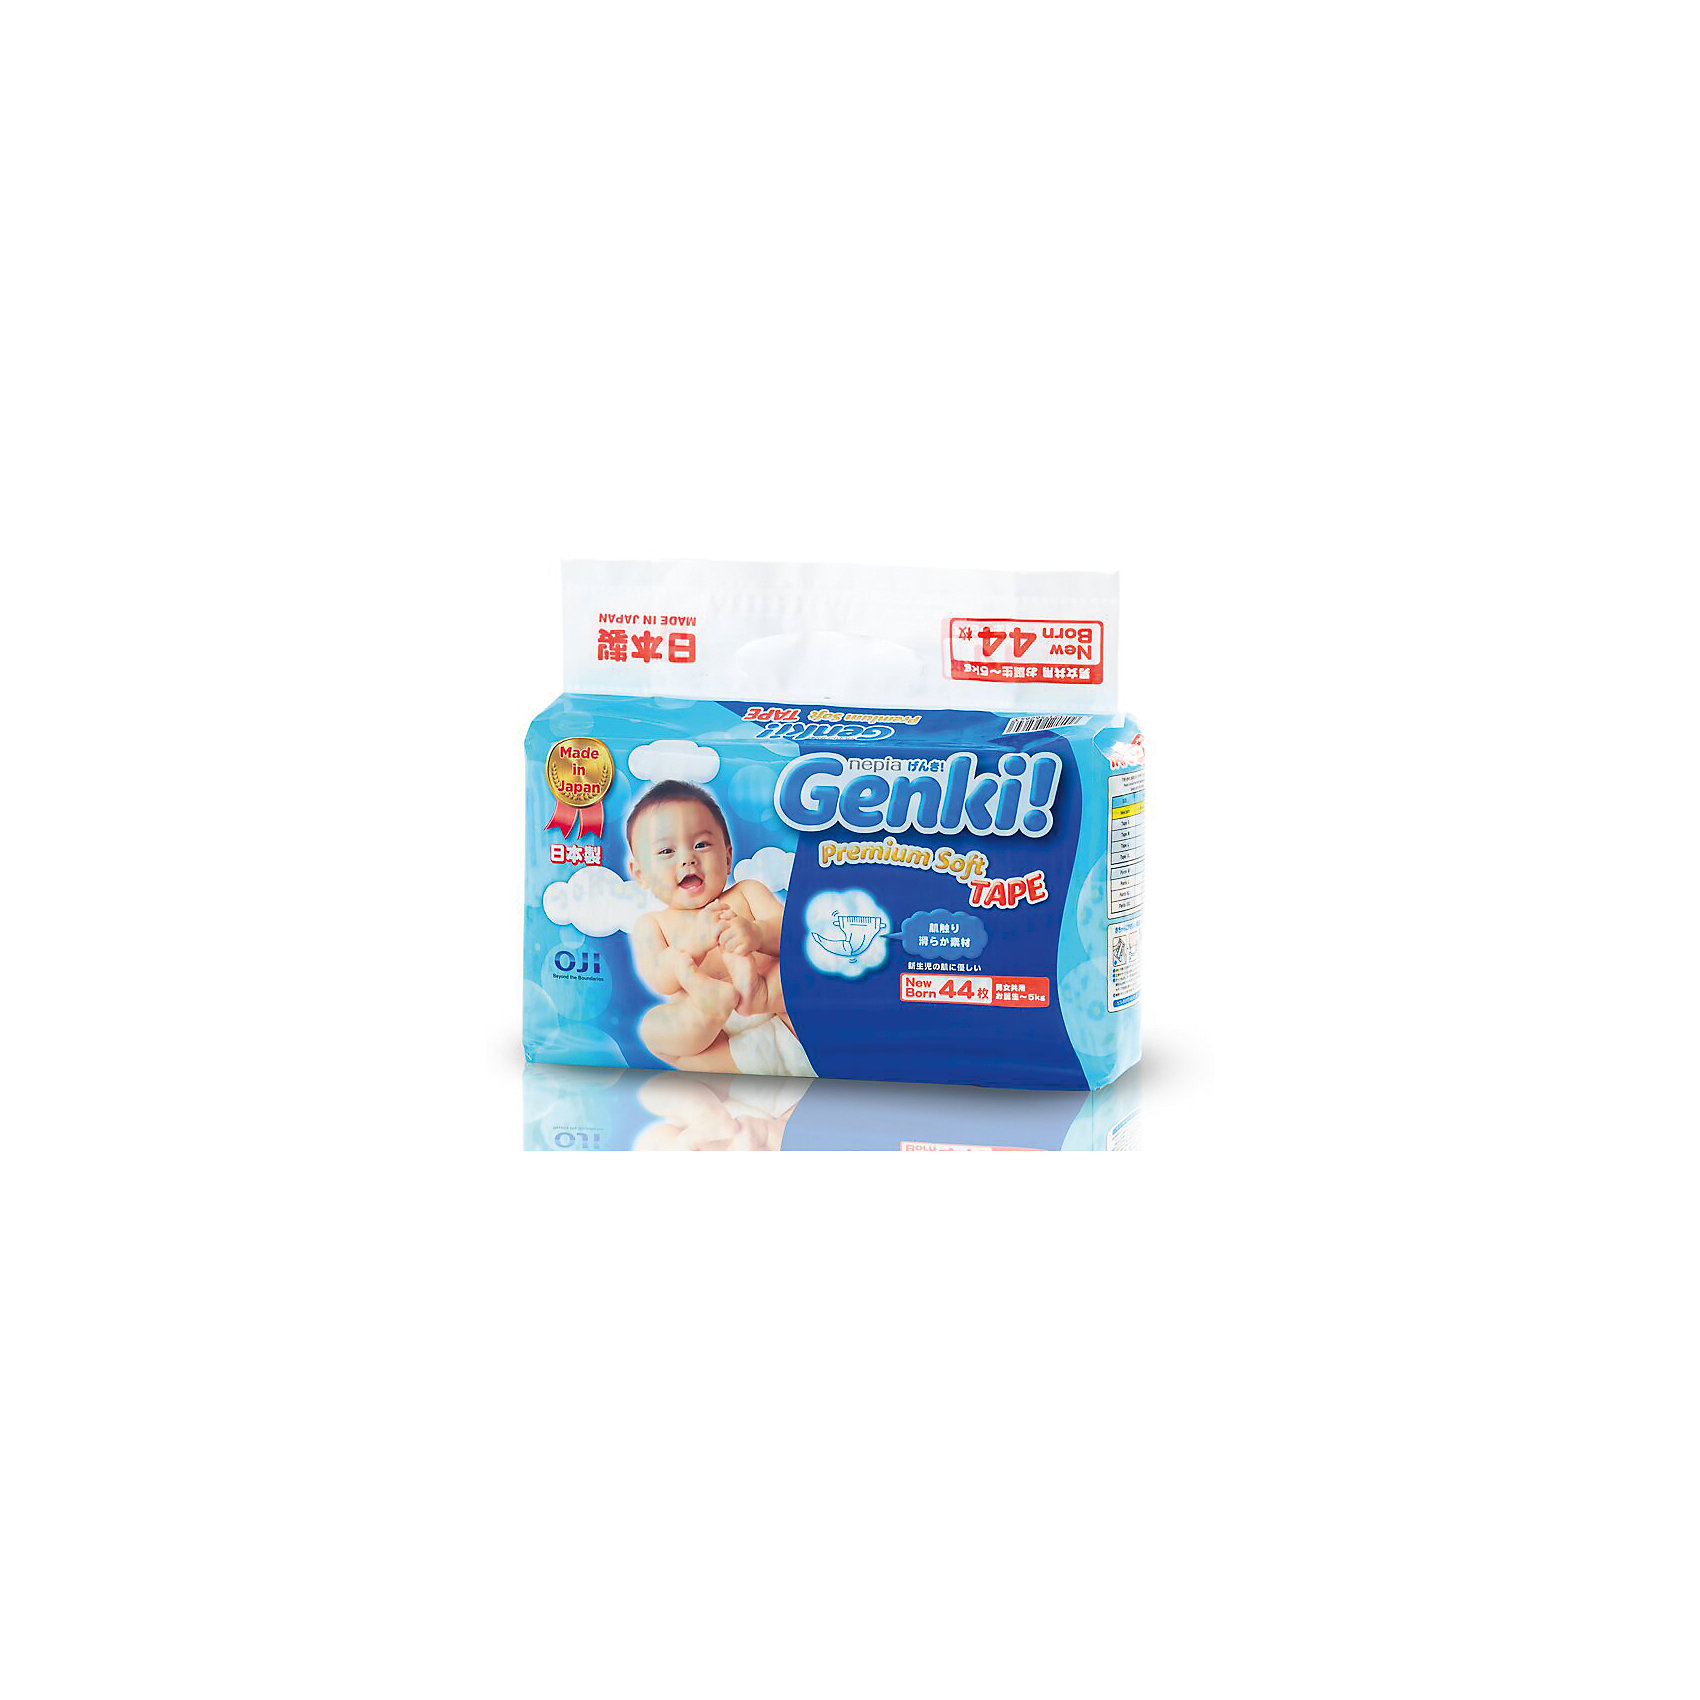 Подгузники Nepia Genki, 0-5 кг., размер NB, 44 шт.,GenkiПодгузники классические<br>Характеристики:<br><br>• вес ребенка: до 5 кг;<br>• размер: NB;<br>• наличие индикатора (желтый/синий цвет);<br>• широкая фиксирующая лента, 5,5 см);<br>• герметичная вставка, которая предотвращает протекание;<br>• материалы поверхности: полиэфир и полиолефин, хлопок;<br>• впитывающий материал: ватоподобная пульпа, впитывающая бумага, впитывающий материал;<br>• связующий материал: стирен, бутадиен;<br>• количество в упаковке: 44 шт.<br><br>Японские дышащие подгузники Genki изготовлены из мягкого материала, впитывающий слой за секунды поглощает влагу, детская кожа остается сухой. Индикаторы наполнения позволяют маме контролировать наполненность подгузника, не расстегивая липучки. Когда желтый цвет меняется на синий, это сигнализирует о наполненности подгузника, следовательно, подгузник пора менять. Эластичная вставка из микропористого материала предотвращает протекание. Нежная кожа малыша свободно дышит, не появляются опрелости, не возникает раздражение. <br><br>Подгузники Nepia Genki, 0-5 кг., размер NB, 44 шт.,Genki можно купить в нашем интернет-магазине.<br><br>Ширина мм: 120<br>Глубина мм: 320<br>Высота мм: 170<br>Вес г: 810<br>Возраст от месяцев: 0<br>Возраст до месяцев: 3<br>Пол: Унисекс<br>Возраст: Детский<br>SKU: 5504693